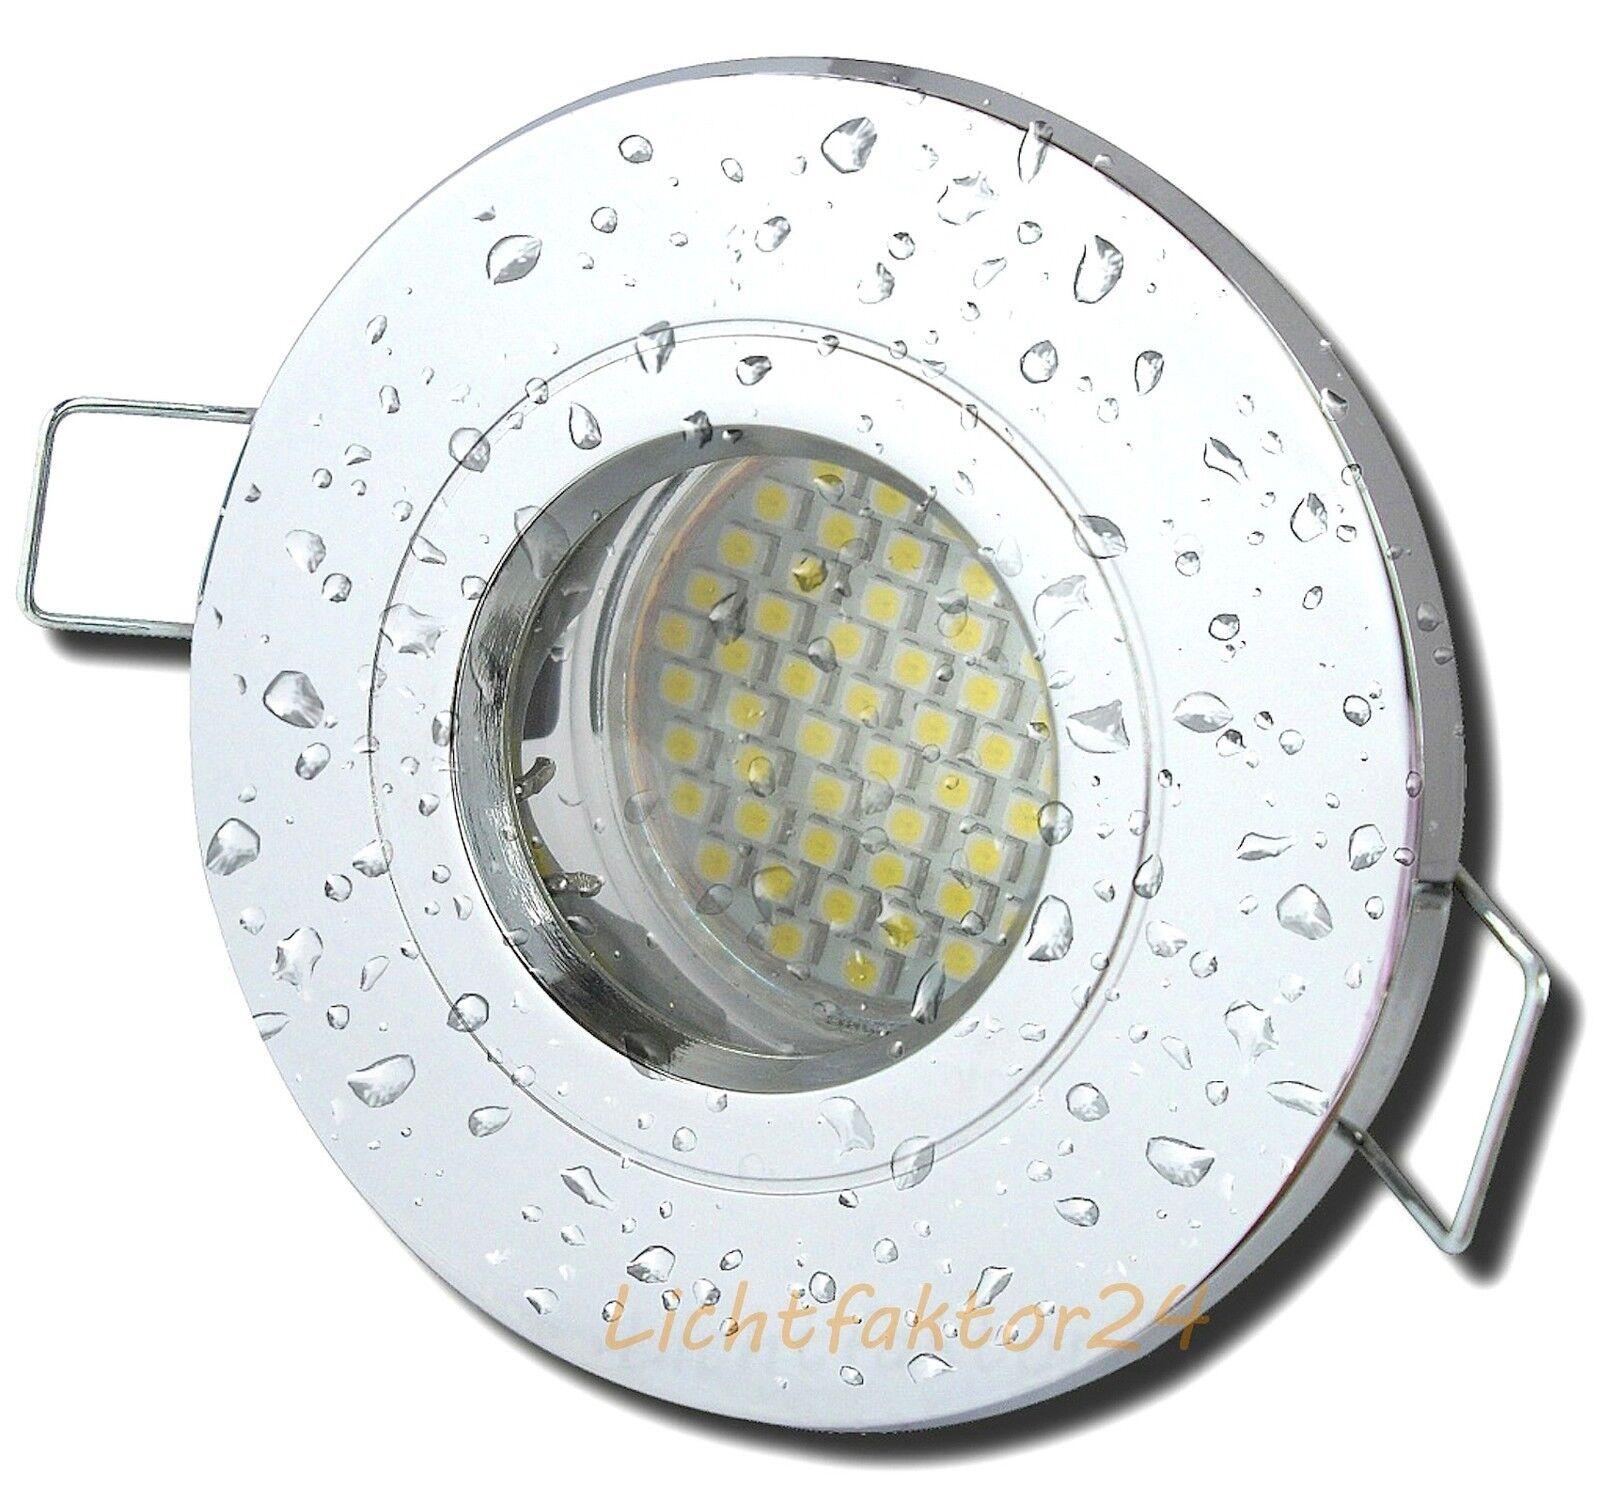 5Watt LED Feuchtraum   Dusche   Bad   Nasszelle   SMD Einbauspots   220V   IP54